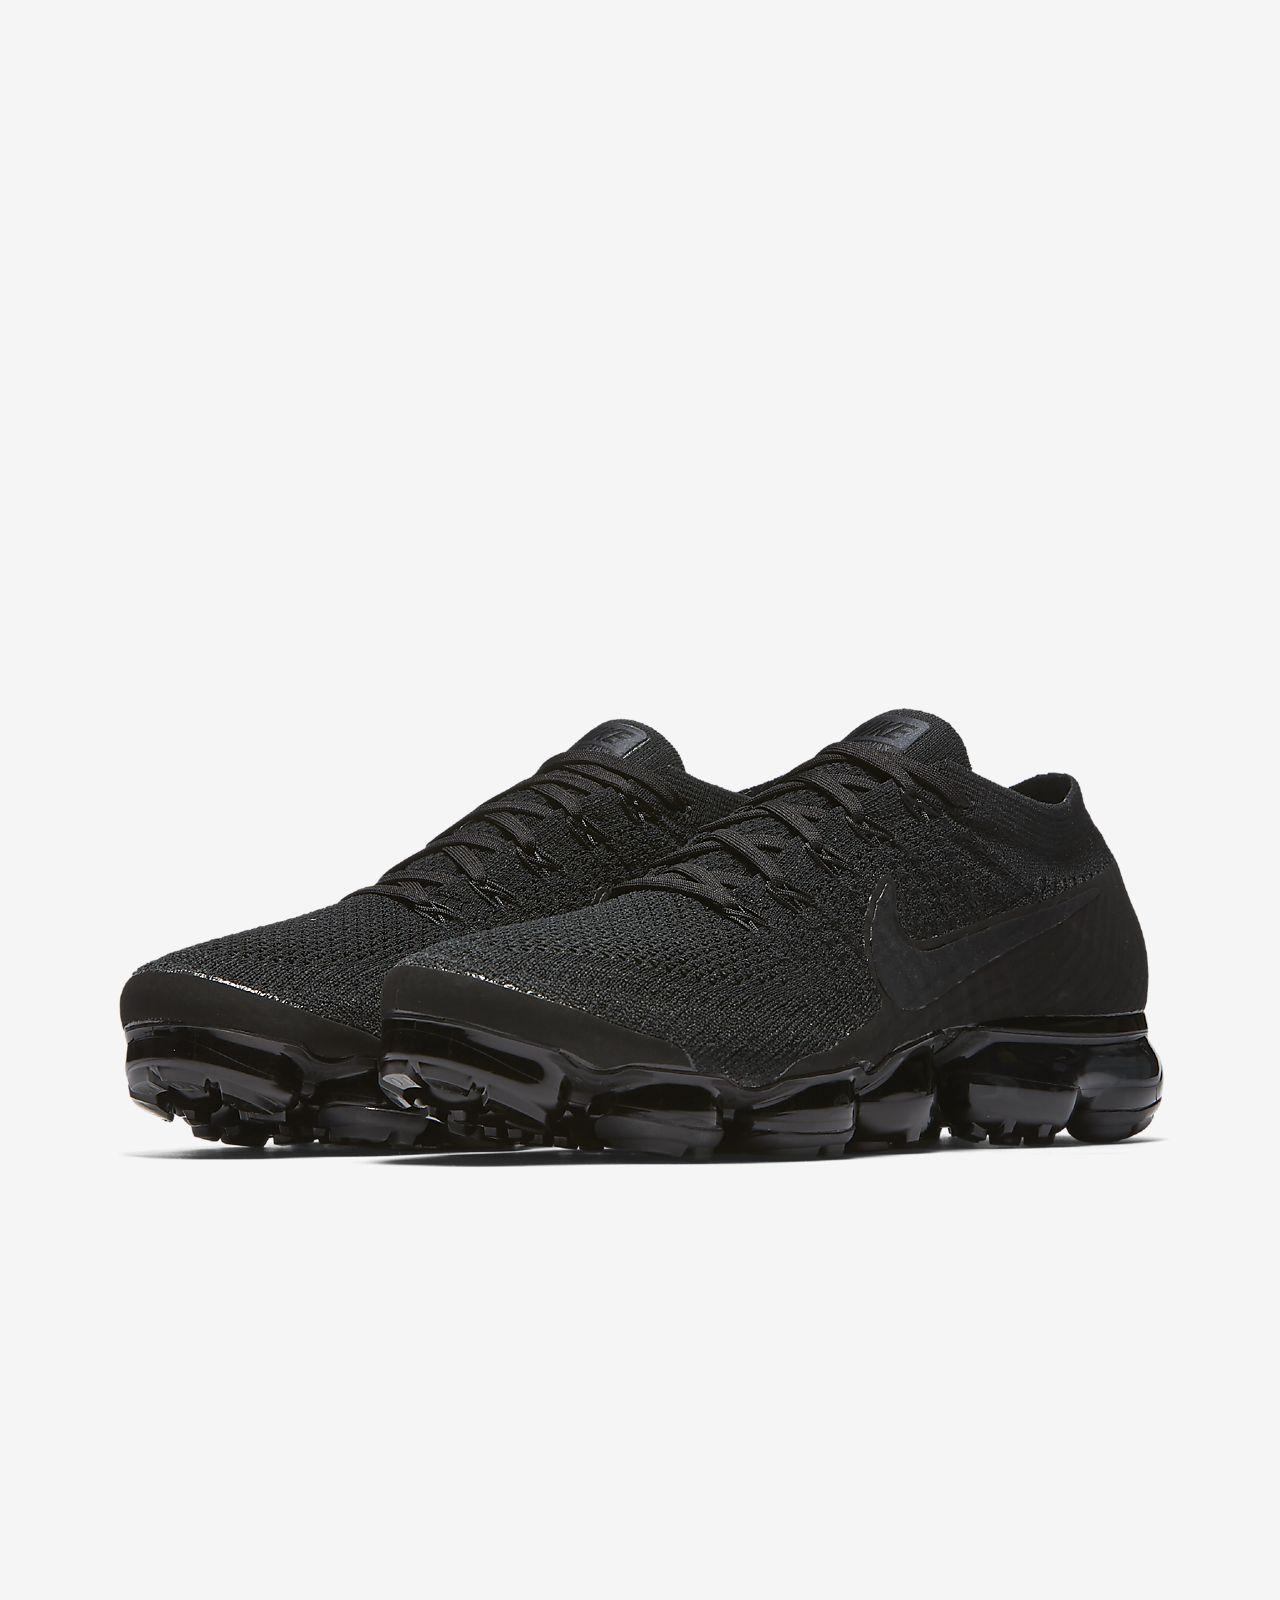 Nike Air Force 1 Chaussures De Sport - Nu Et Tons Neutres 4EAIs88